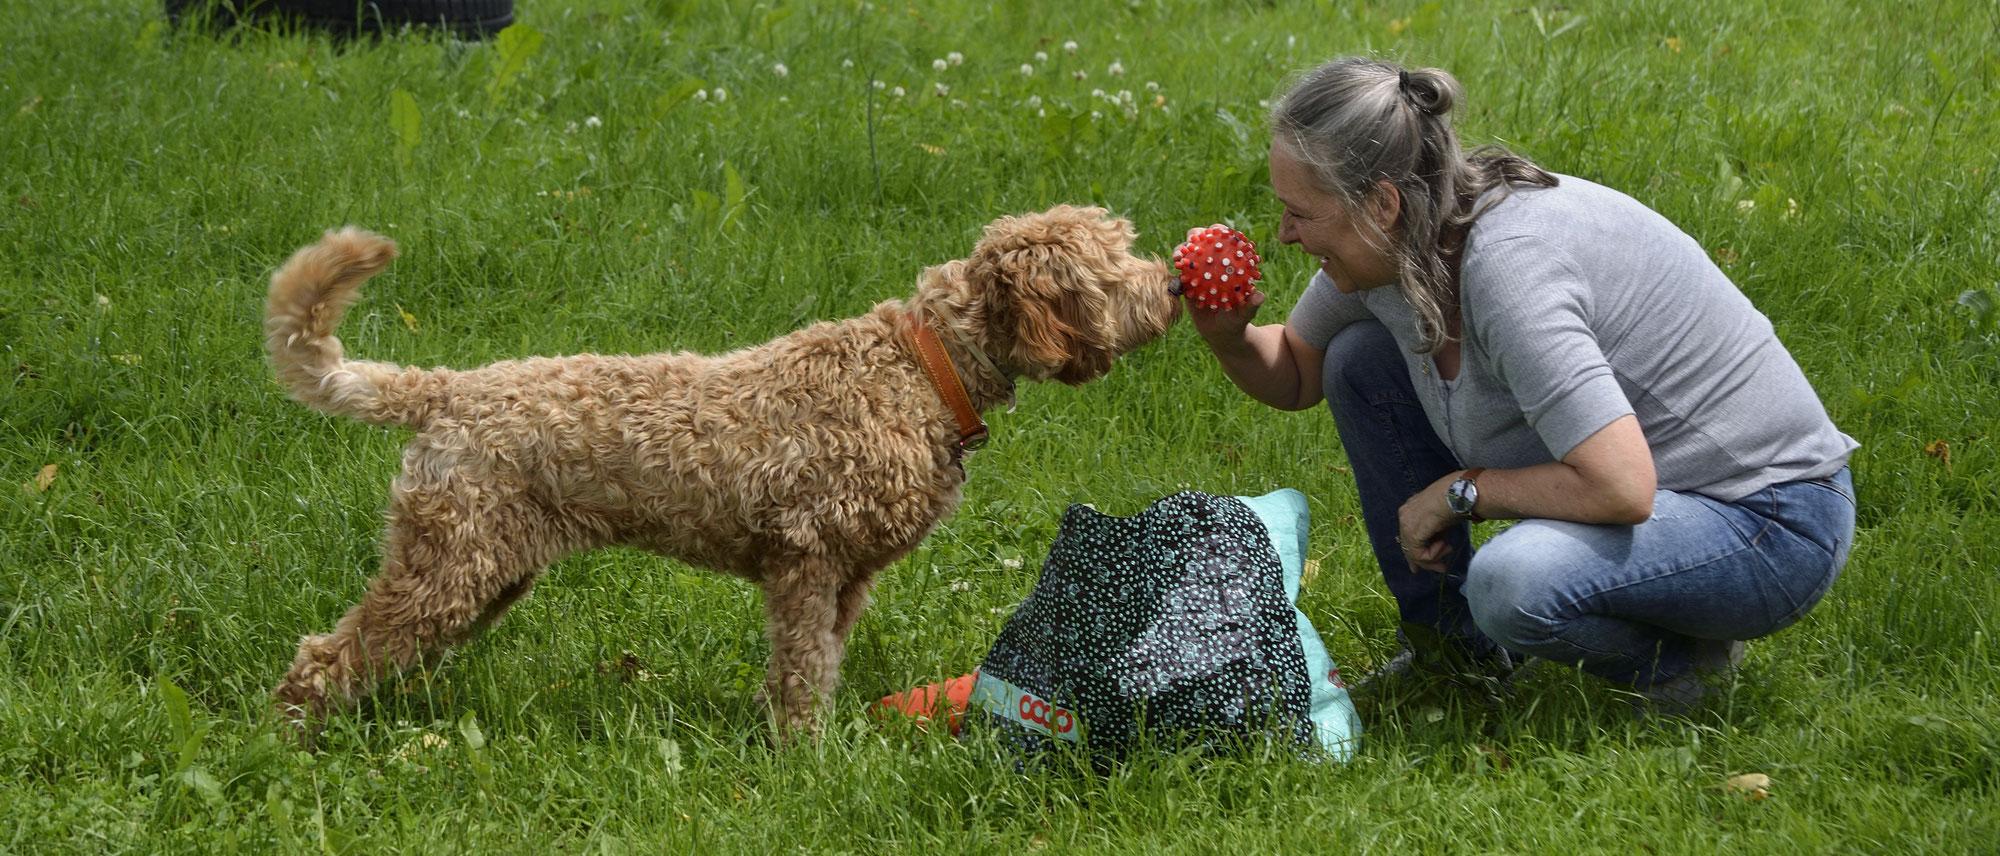 """Seminar """"Du bist mir wichtig: bindung in der Mensch-Hund-Beziehung"""" mit Bettina Mutschler (D)"""